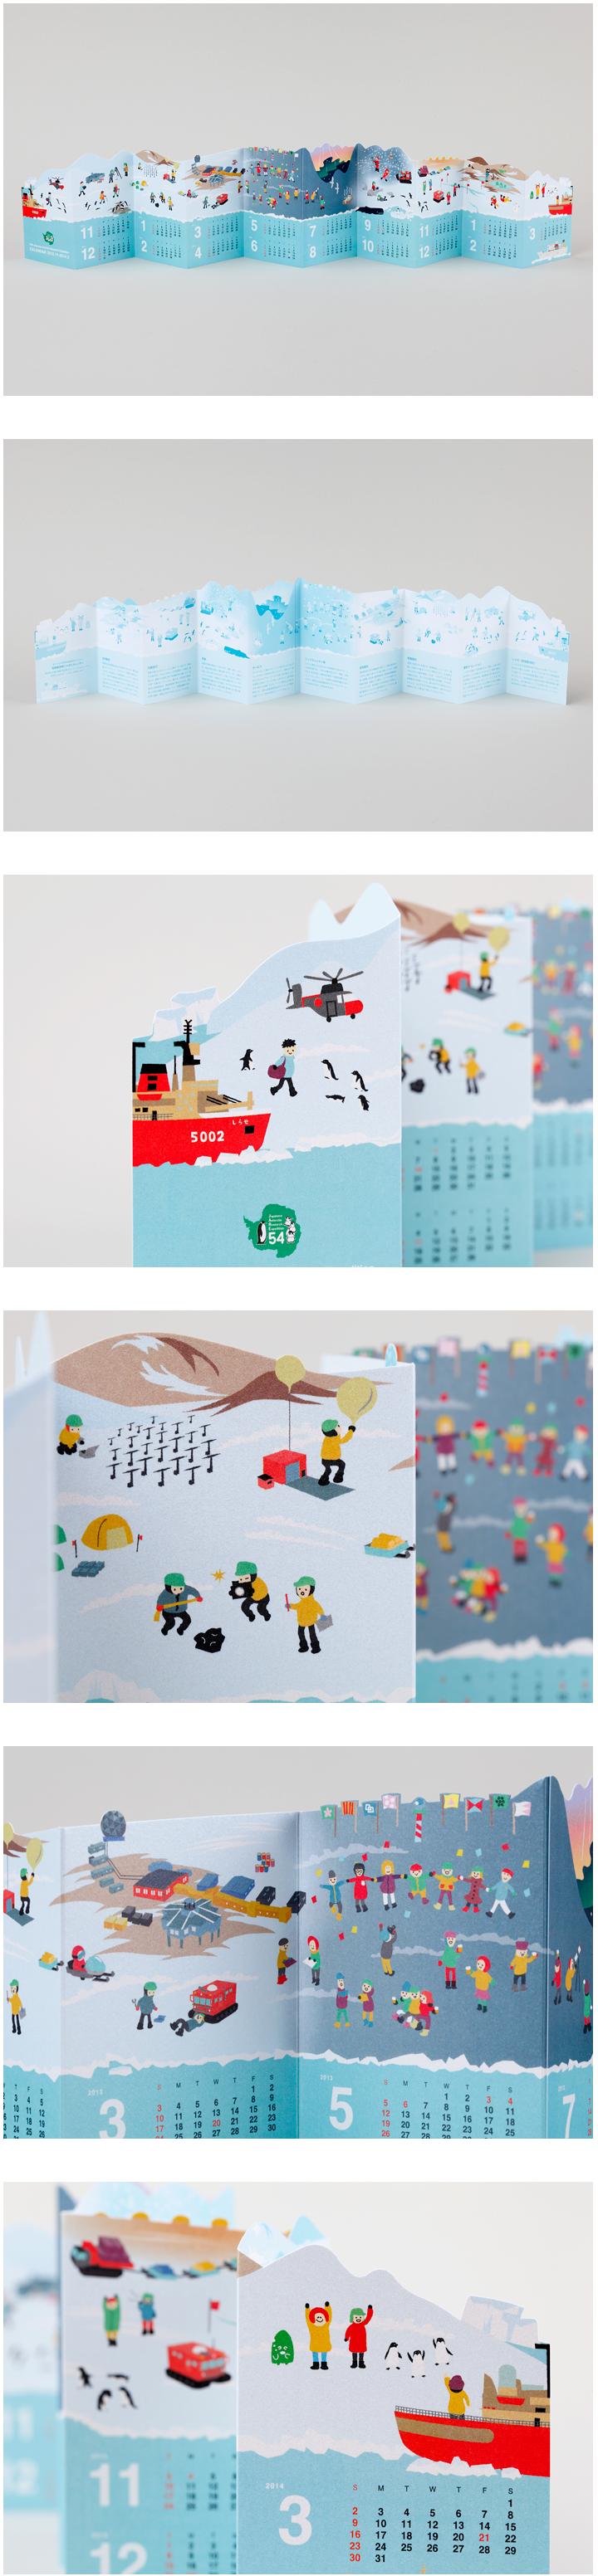 第54次南極地域観測隊 カレンダー | homesickdesign